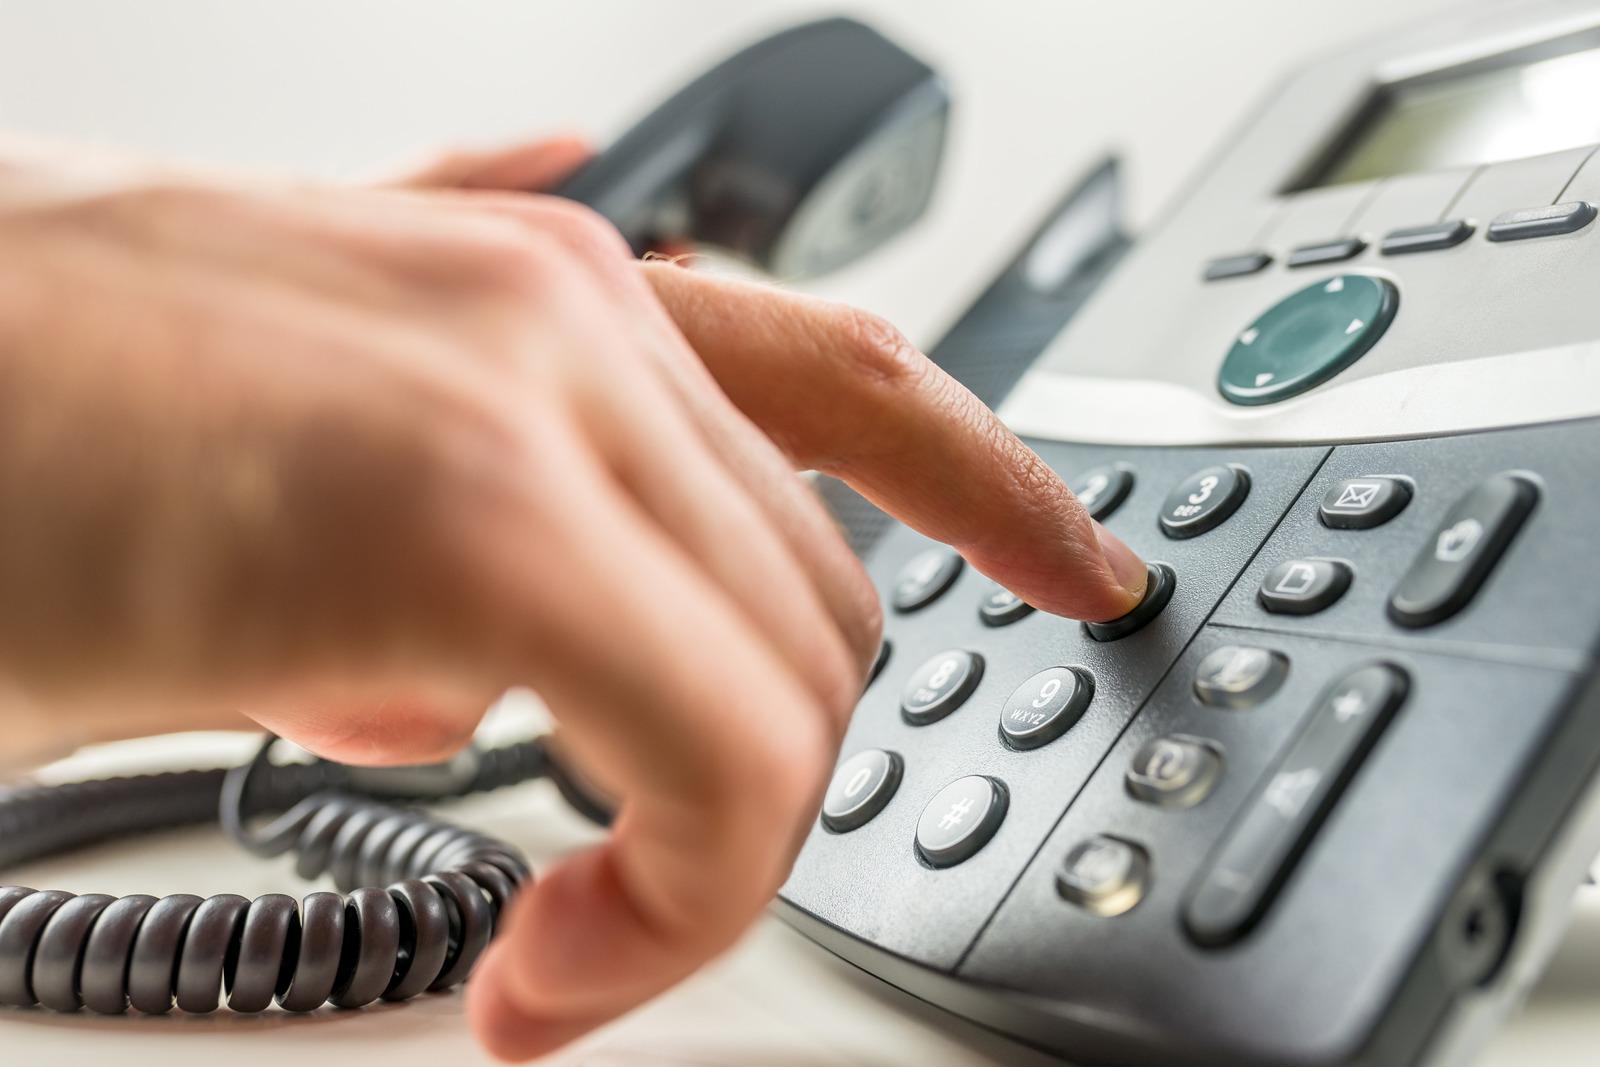 Симферопольцы не могут дозвониться в скорую из-за кражи кабеля